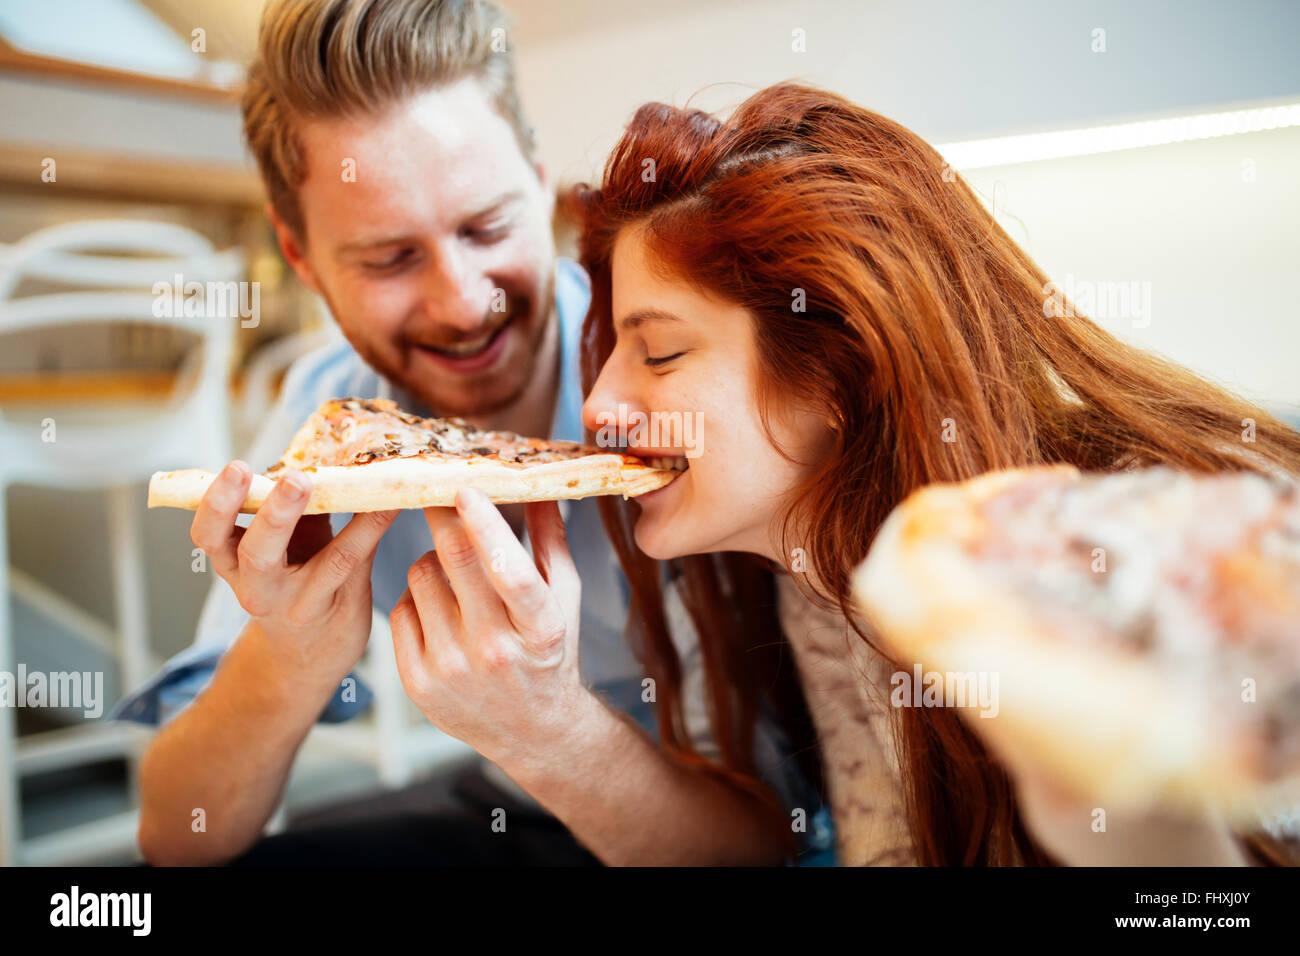 Giovane condividere pizza e mangiare insieme felicemente Immagini Stock